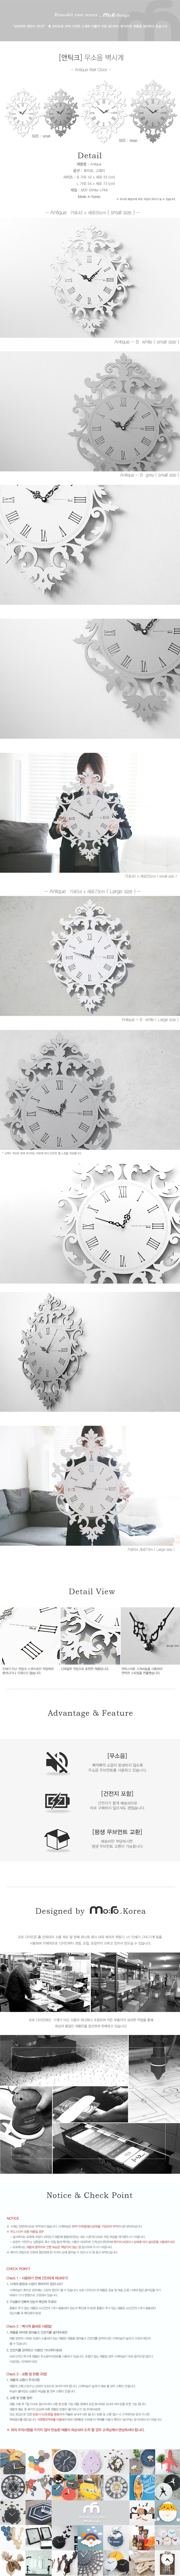 앤티크 무소음 벽시계 2color - 모로, 39,900원, 벽시계, 디자인벽시계